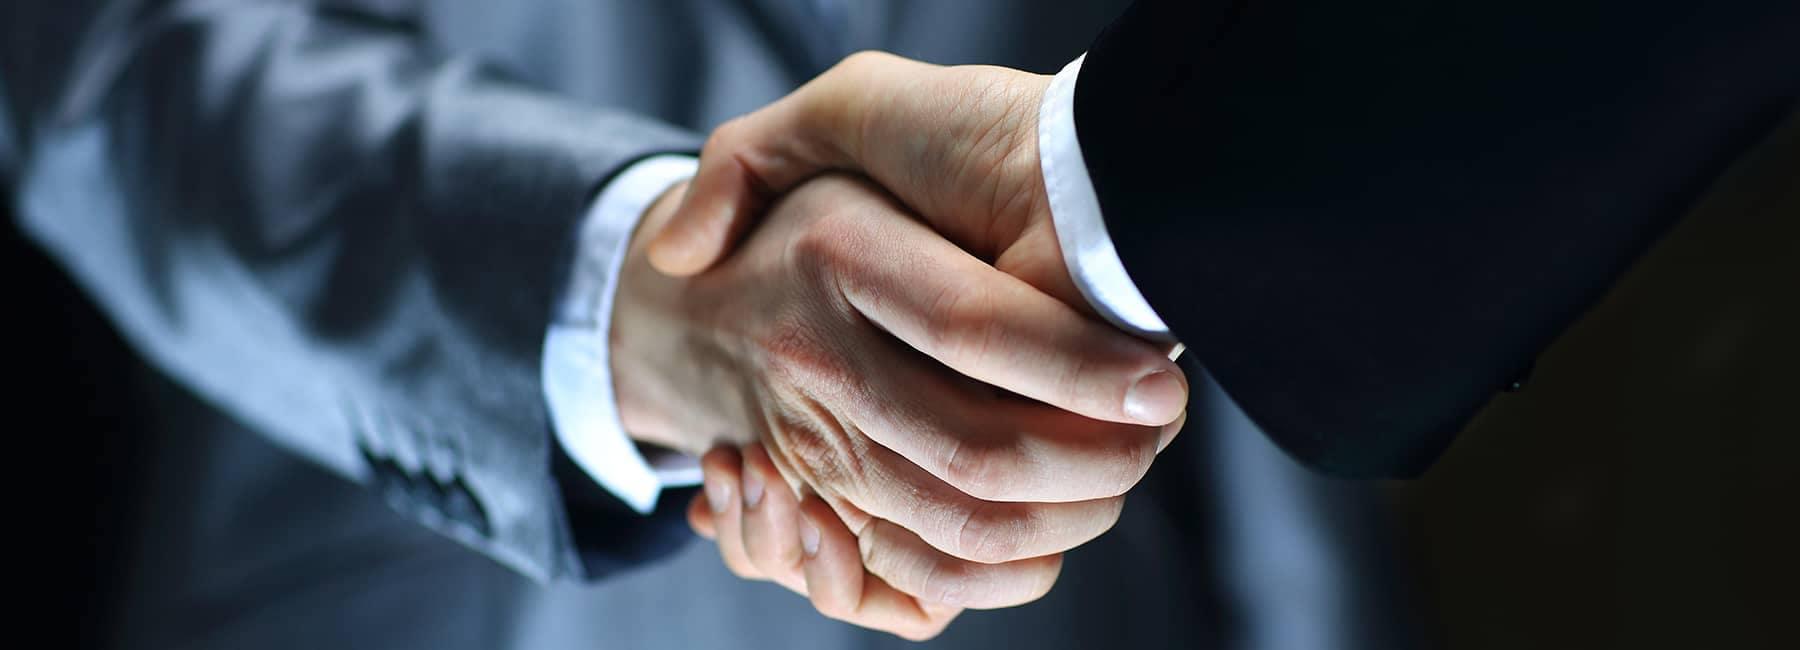 men in suits shaking hands